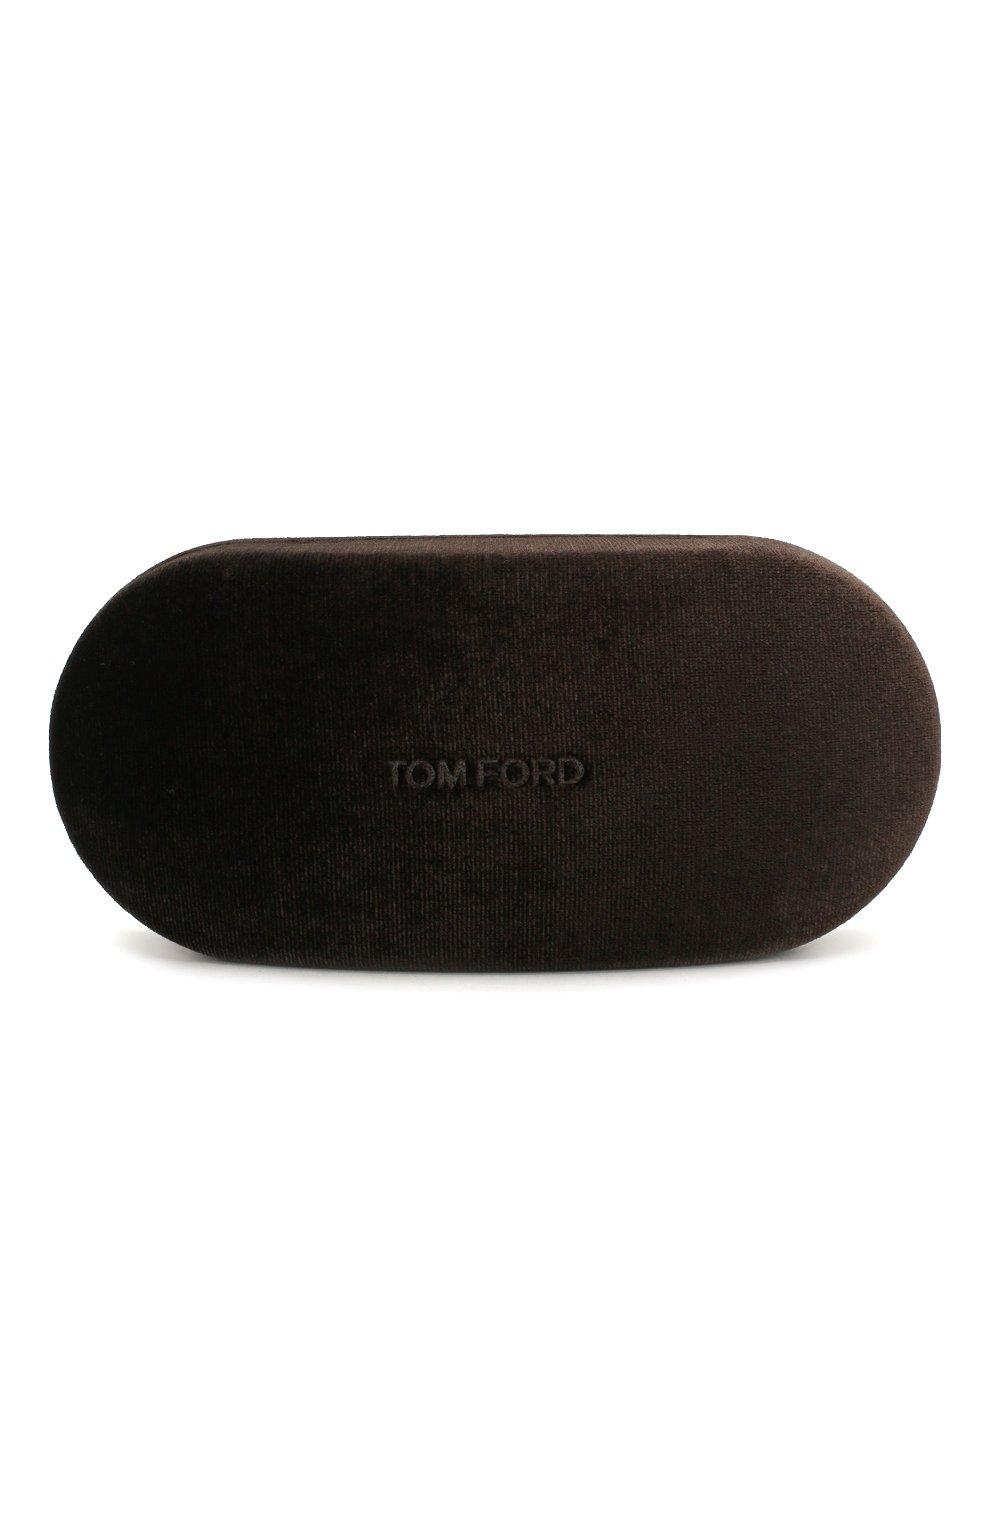 Мужские солнцезащитные очки TOM FORD коричневого цвета, арт. TF749 | Фото 5